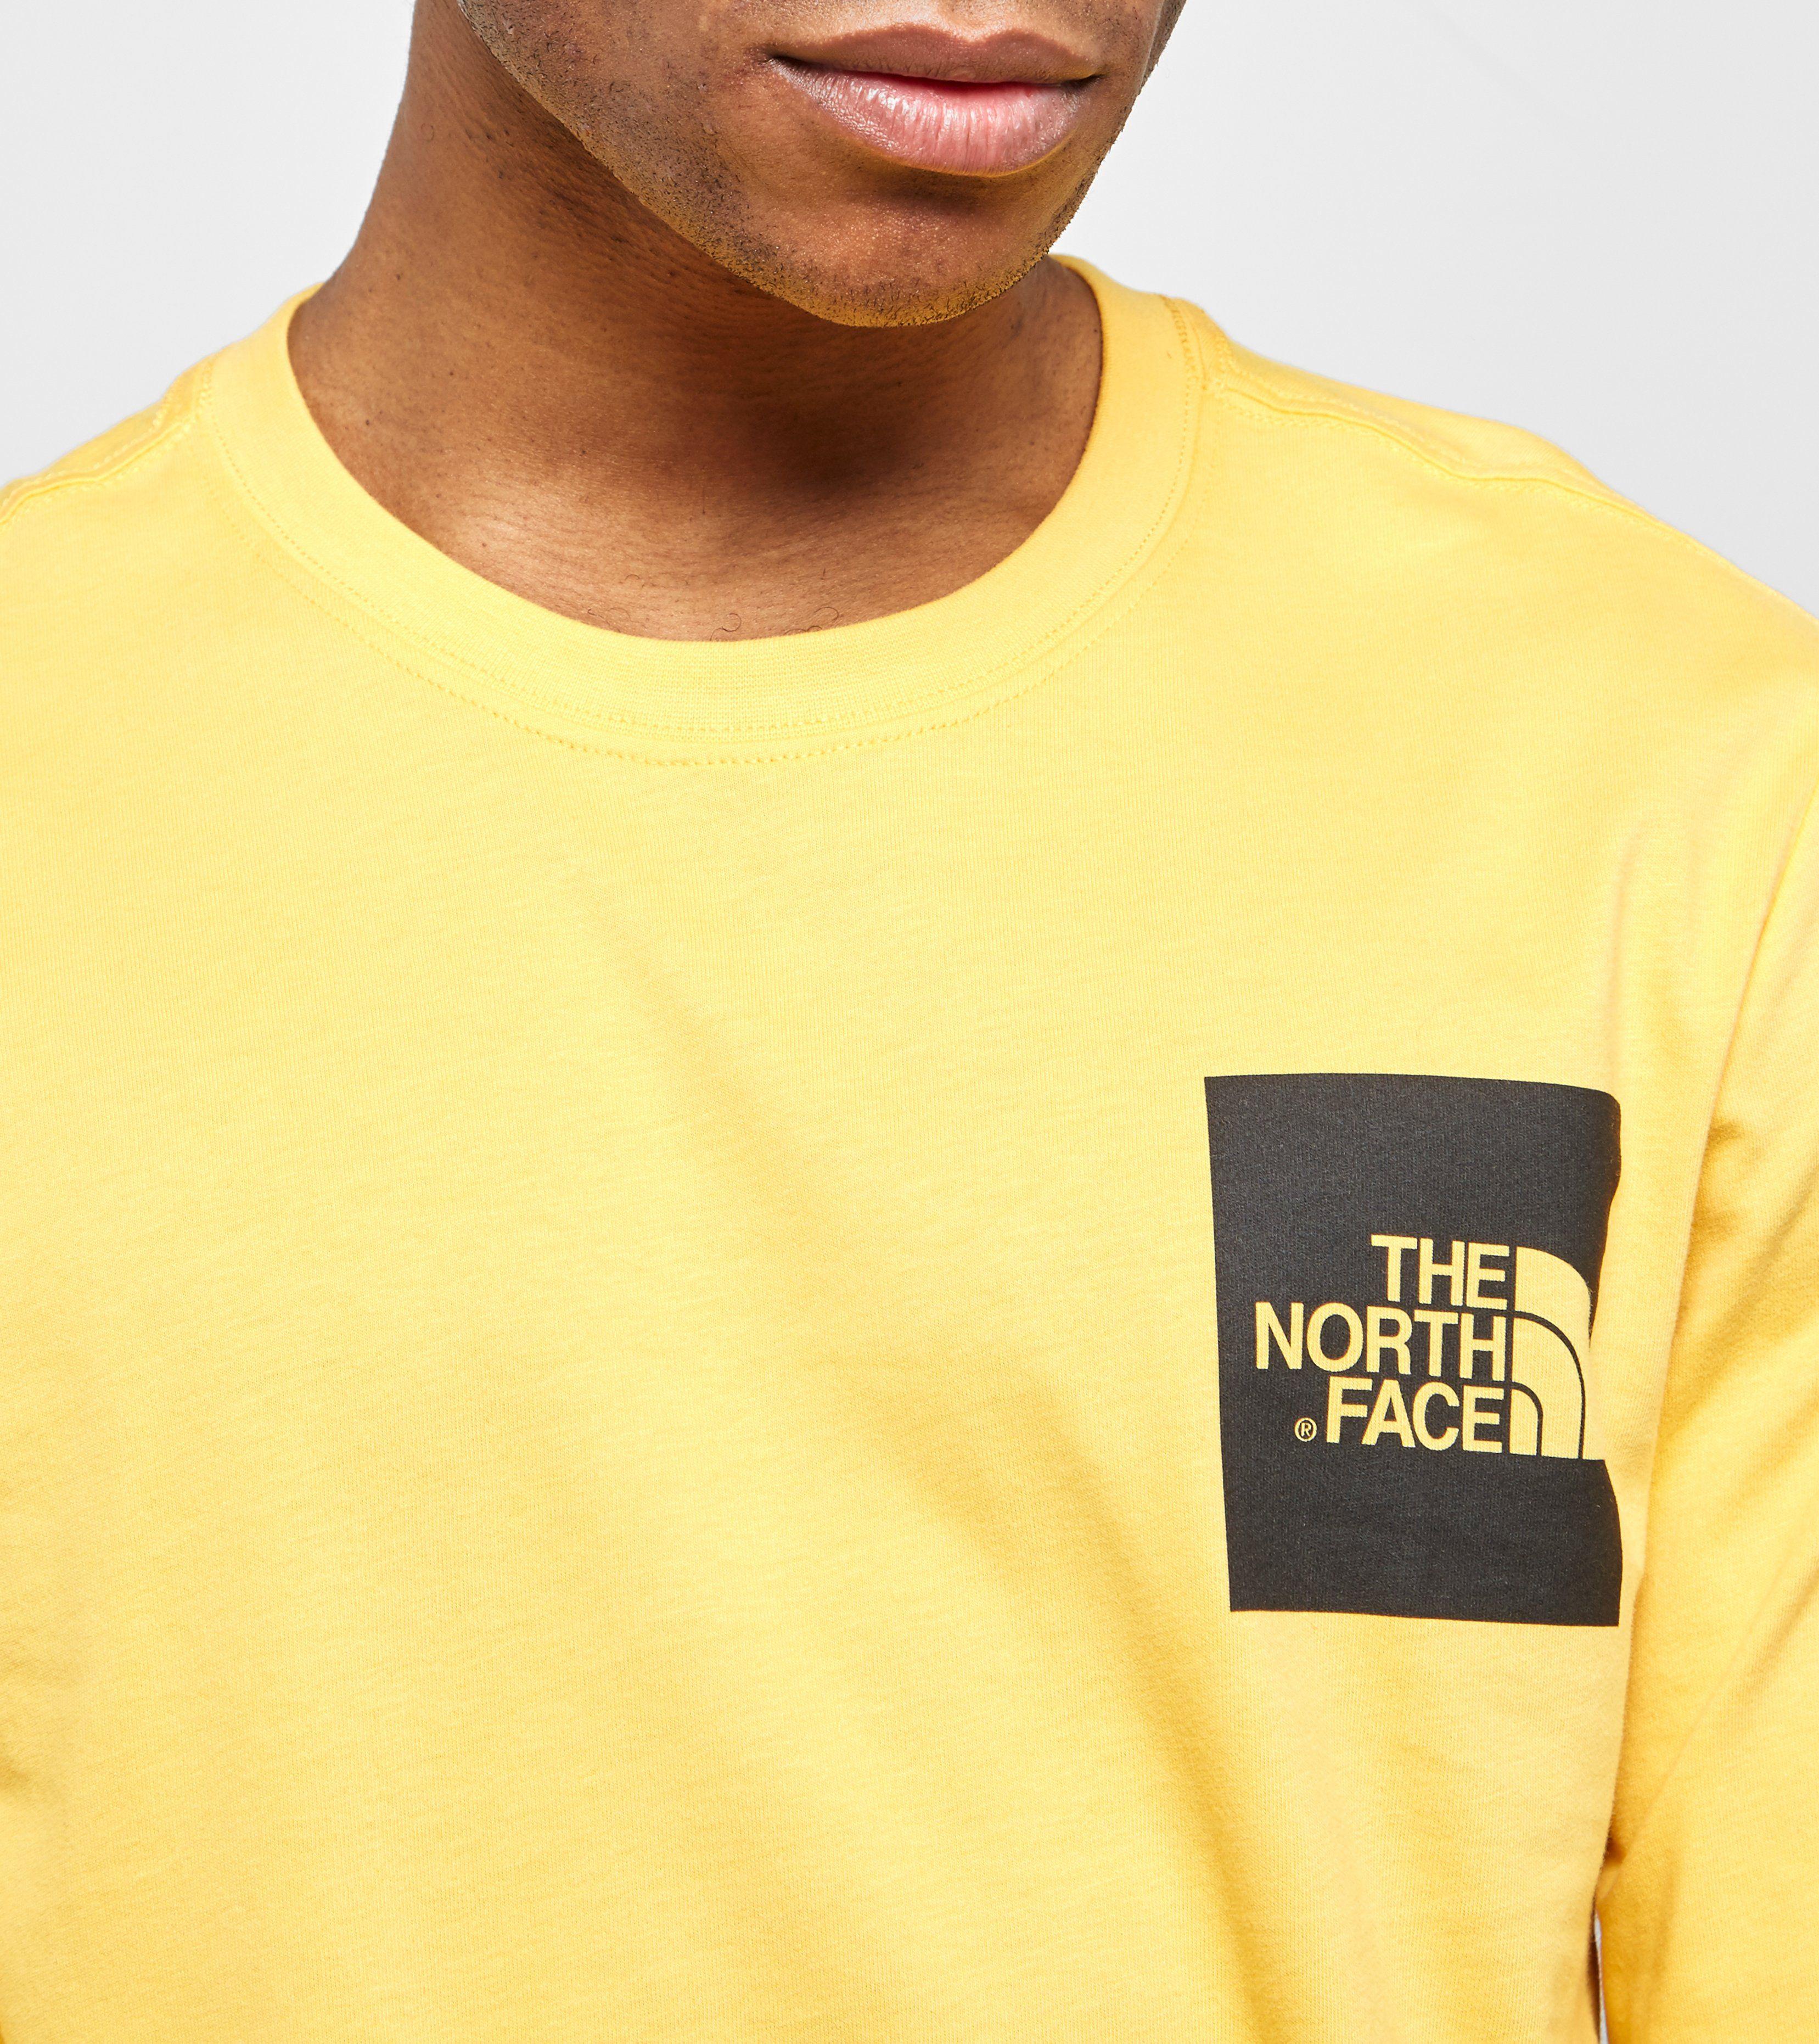 The North Face Långärmade Fine T-skjorta